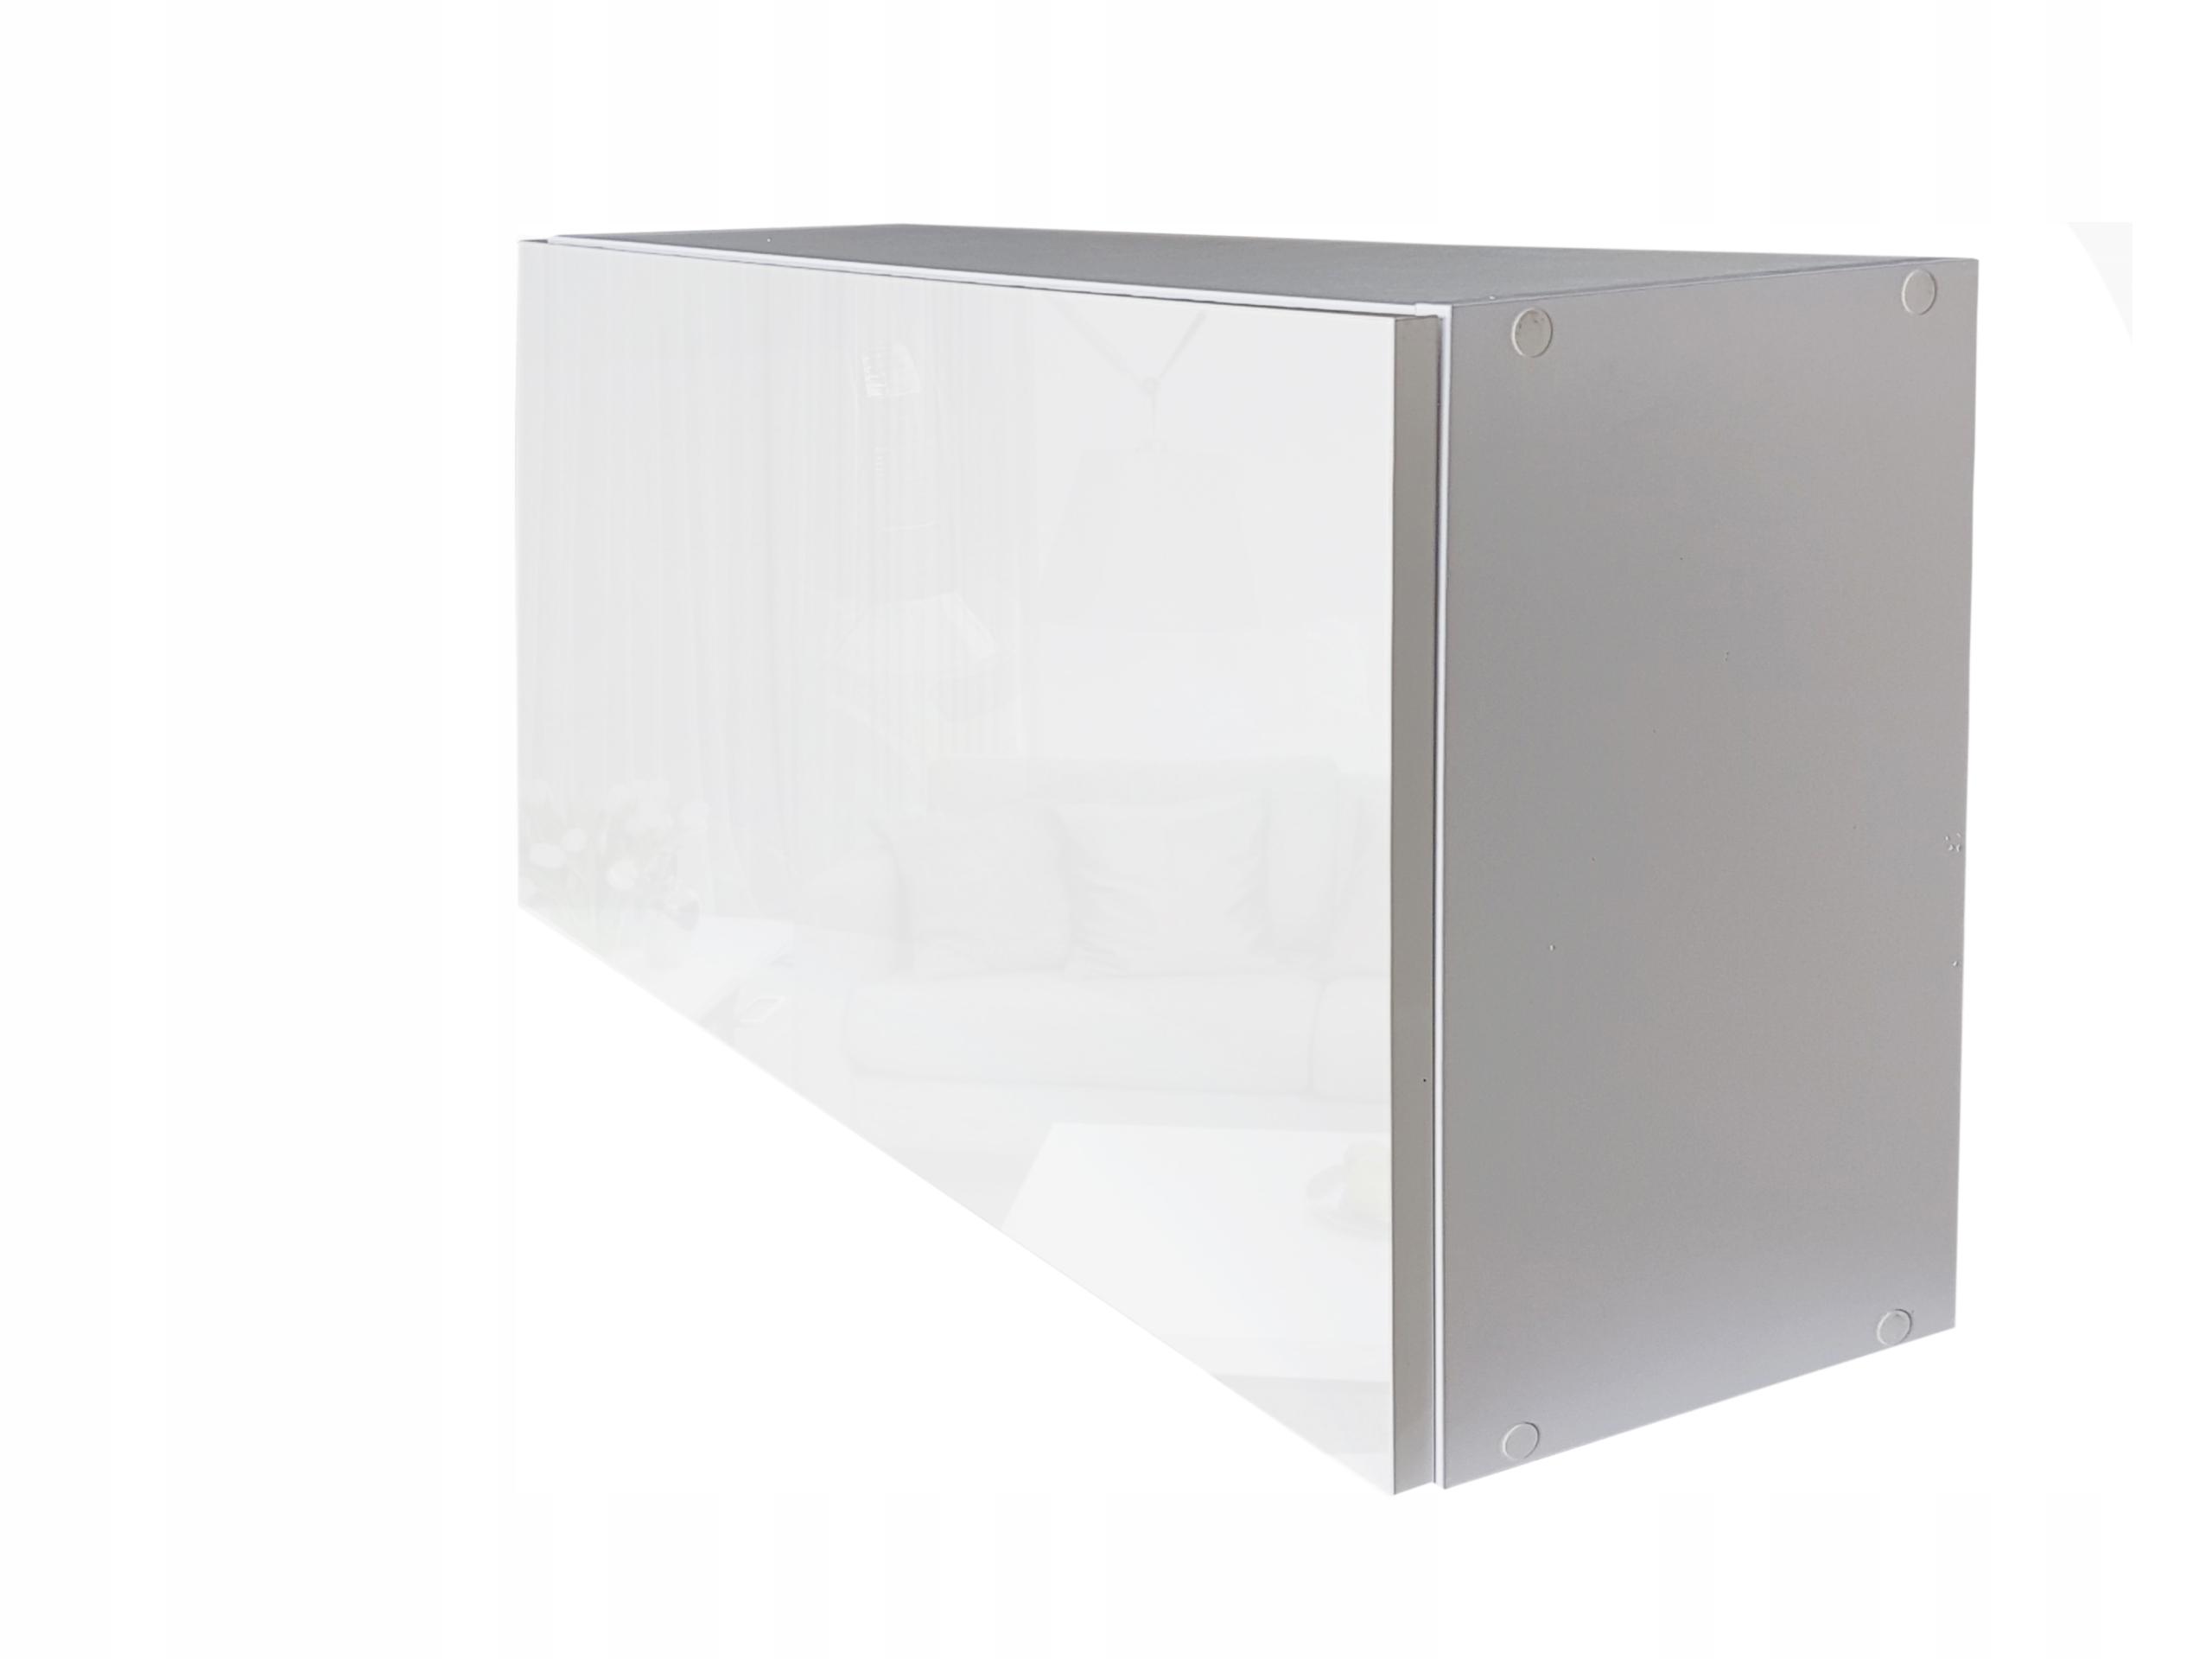 Шкаф кухонный навесной 70 глянцевый с откидной крышкой